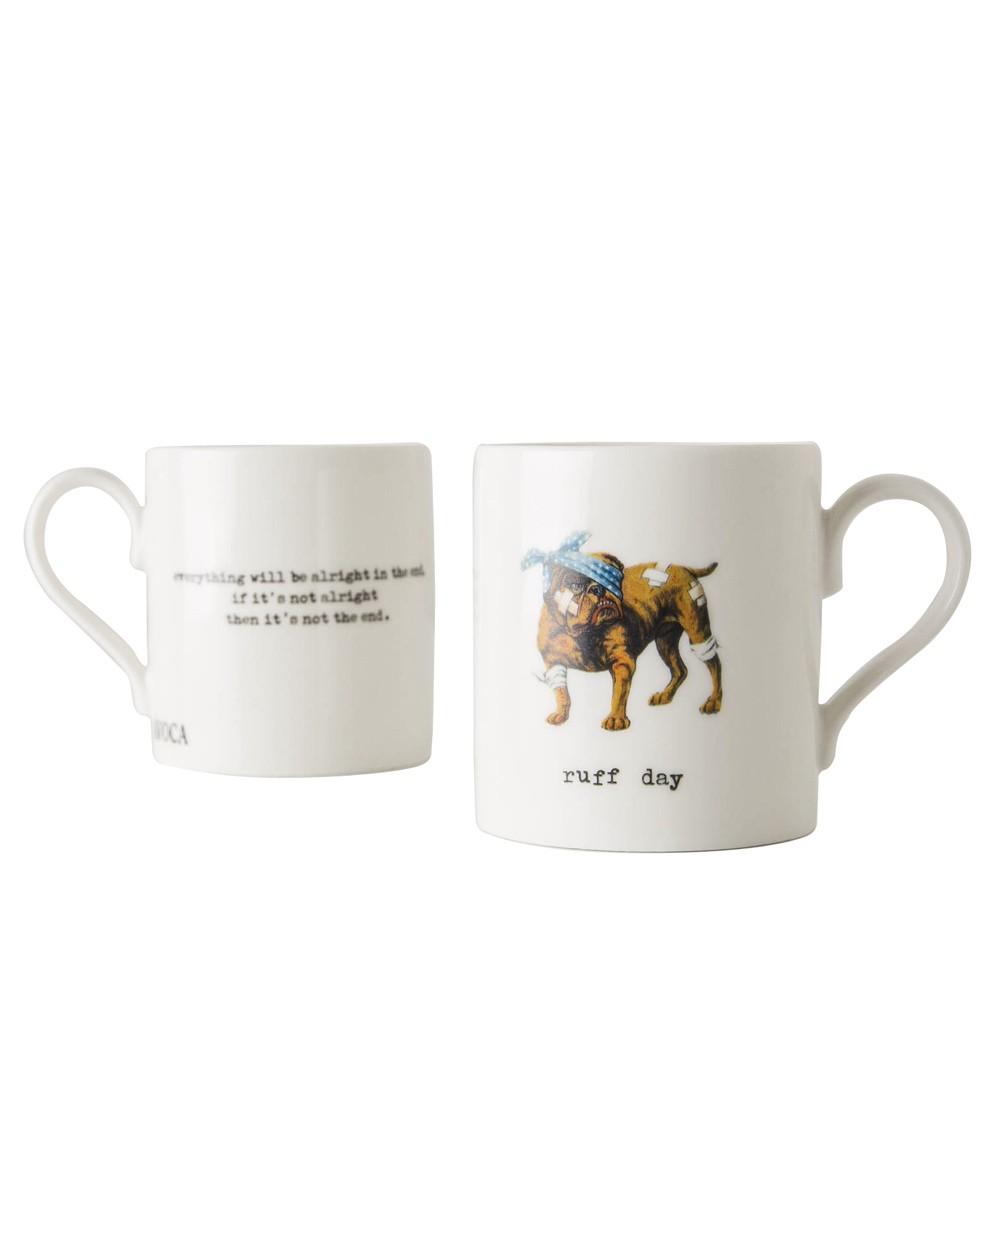 Ruff Day Mug